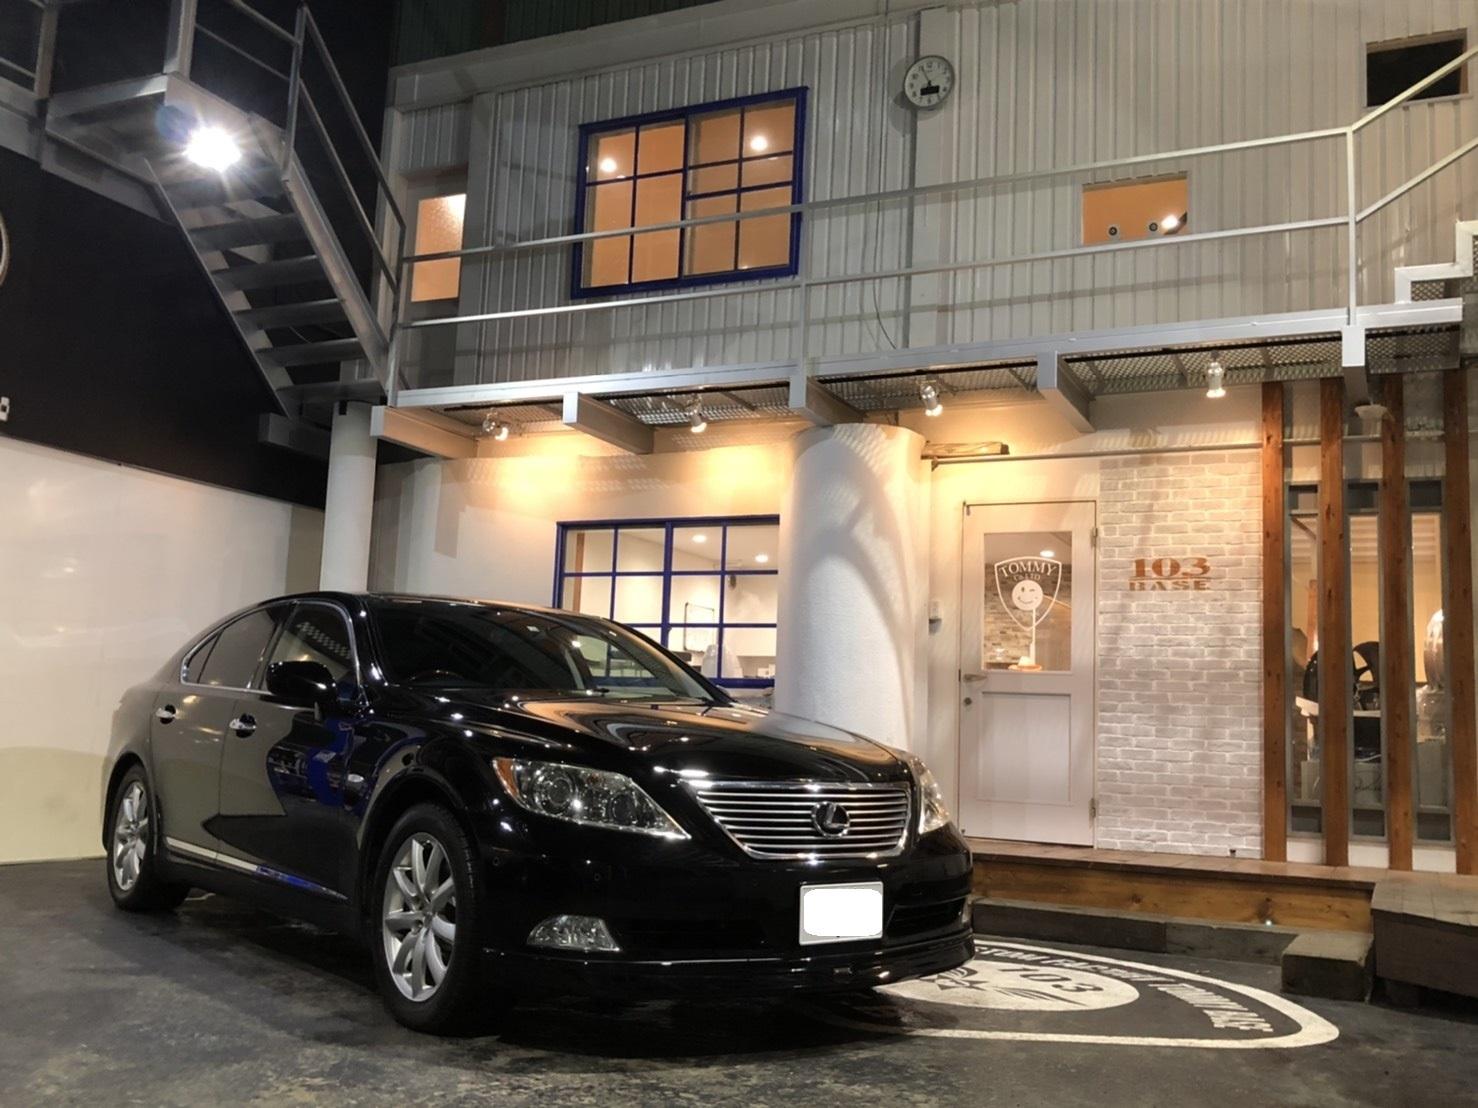 12月17日(火)トミーベースブログ☆レクサス♬LS460🎶LS600🎶フーガ♬スバル☆フォレスター☆レガシィ☆限定車🎶自社ローン♬ローンサポート_b0127002_19003838.jpg